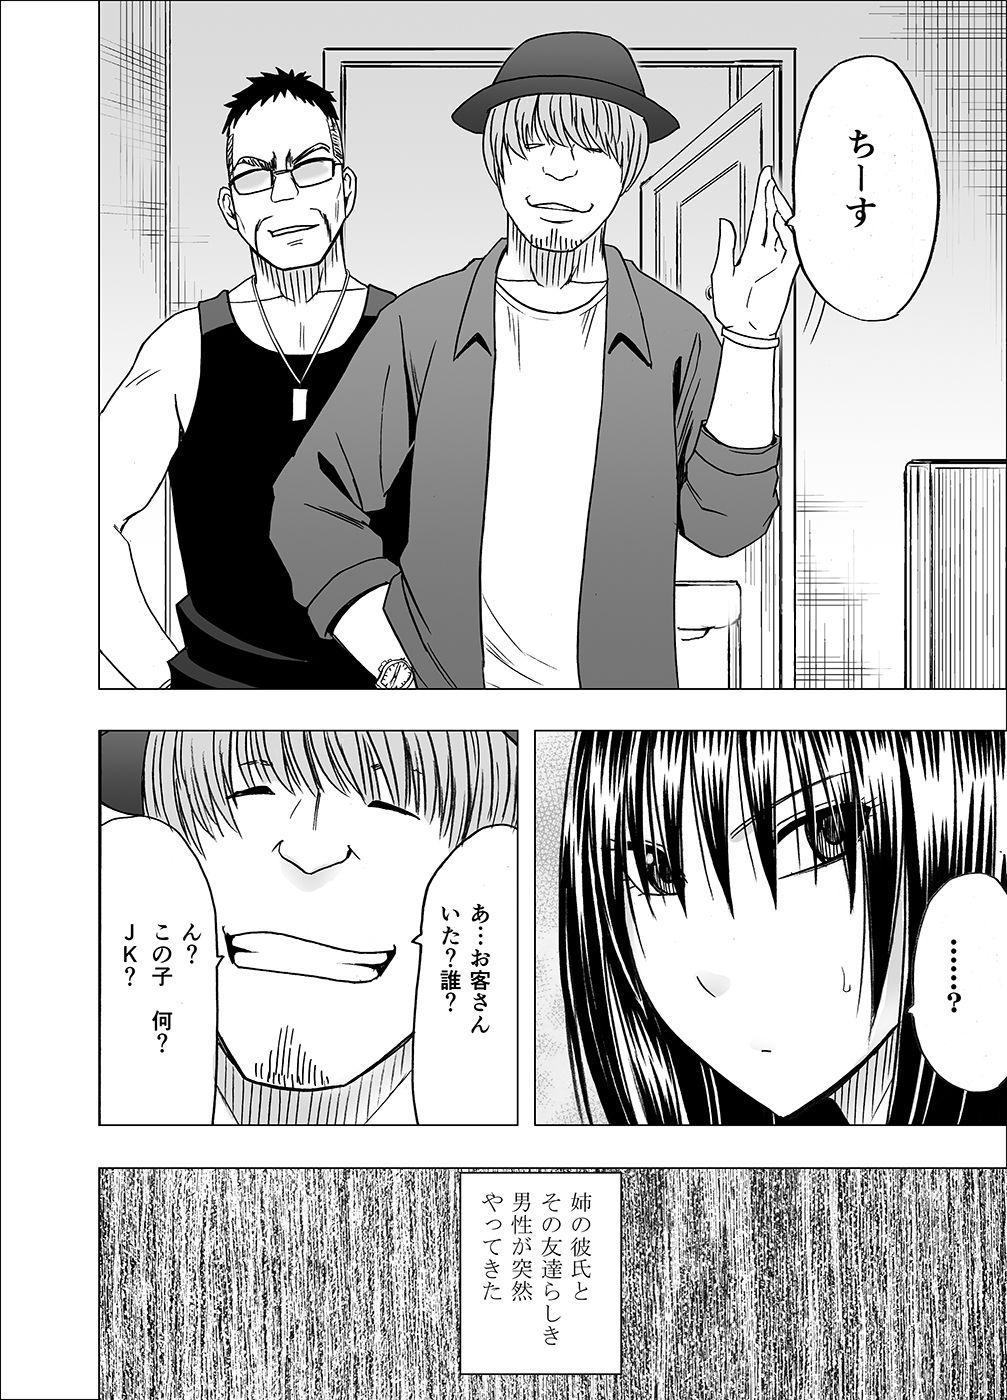 Ane no Kareshi ni Osaetsukerare Muriyari Mune ya Asoko o Sawarare... 4